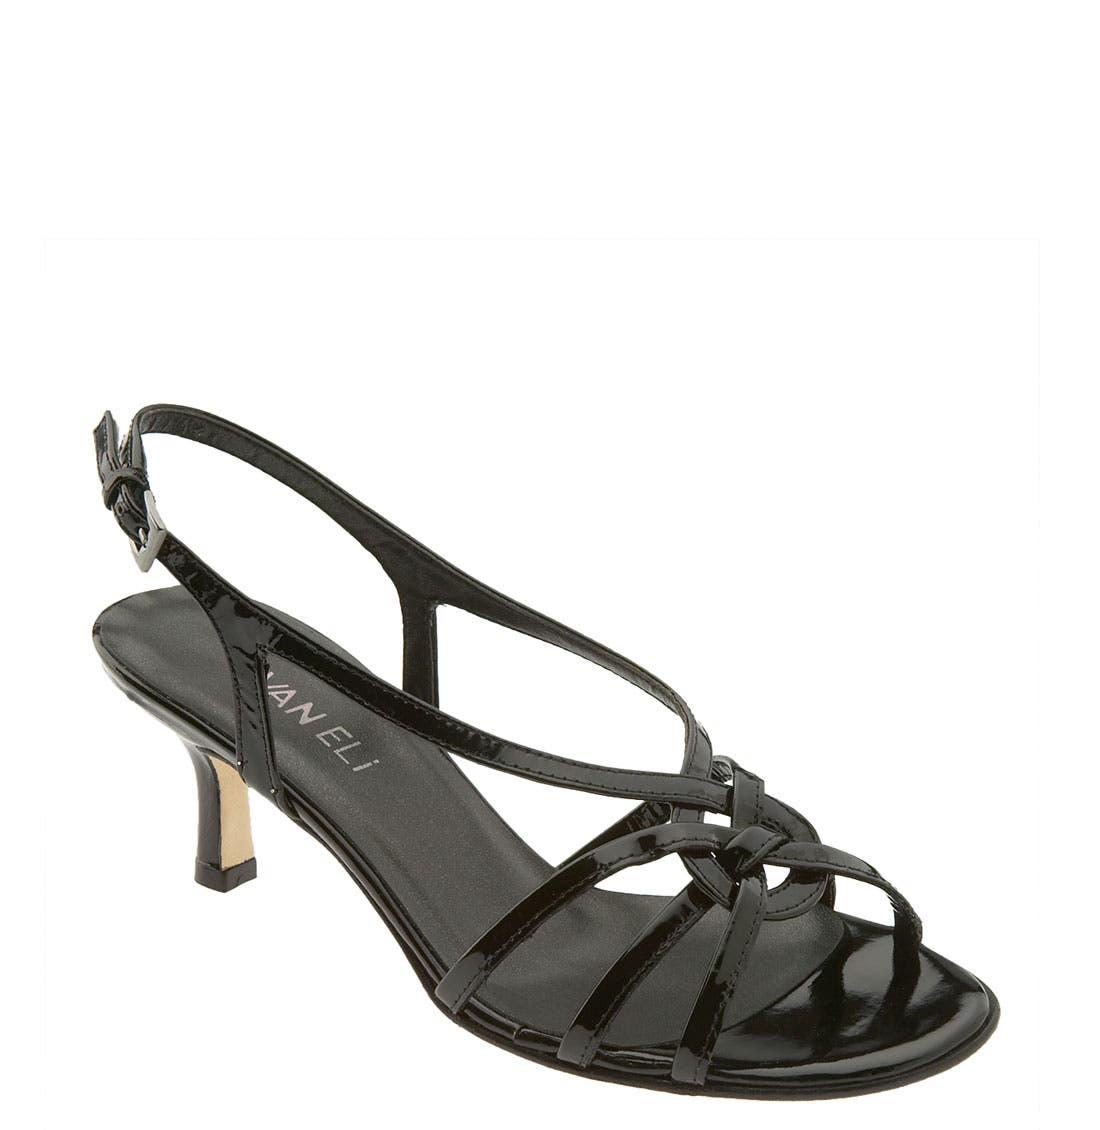 Alternate Image 1 Selected - VANELi 'Modesta' Sandal